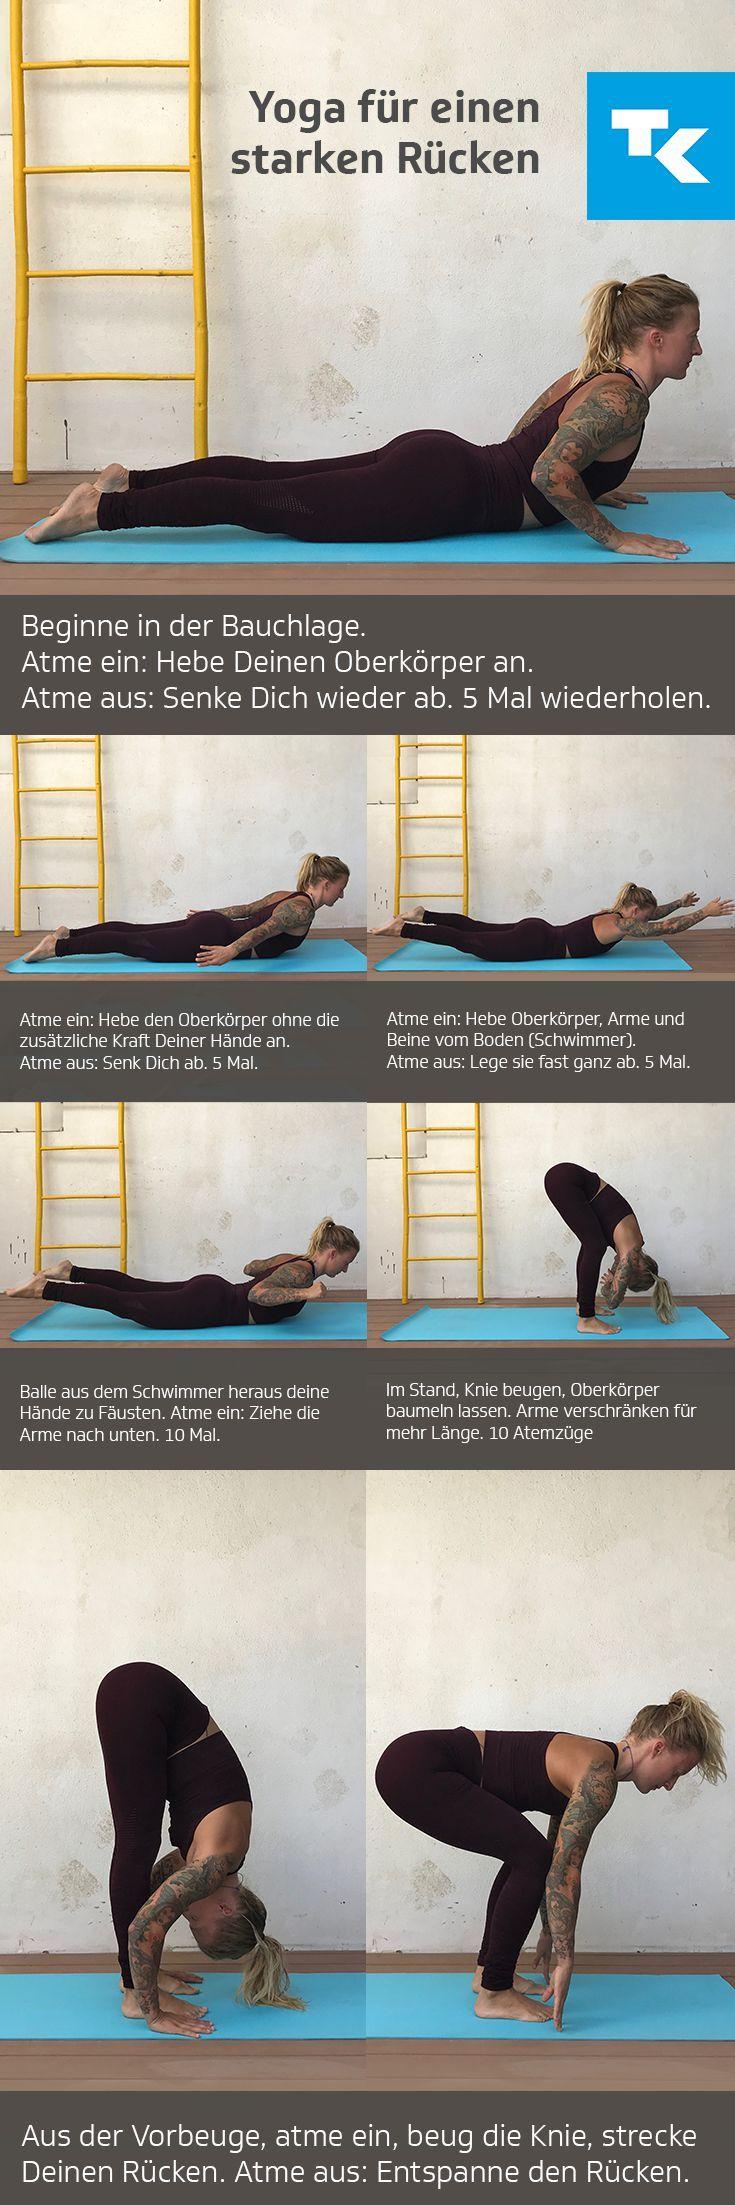 Eine schlechte Haltung im Alltag und zu wenig #Bewegung in der #Freizeit sorgen für Verkürzungen bei #Muskeln, #Bändern und der #Wirbelsäule. Demnach gehören #Rückenschmerzen zu den häufigsten gesundheitlichen #Beschwerden. Das Gute: Ihr könnt etwas dagegen tun.Diese #Yoga-Übung stärkt Euren #Rücken, löst #Verspannungen und kann sogar #Schmerzen lindern.